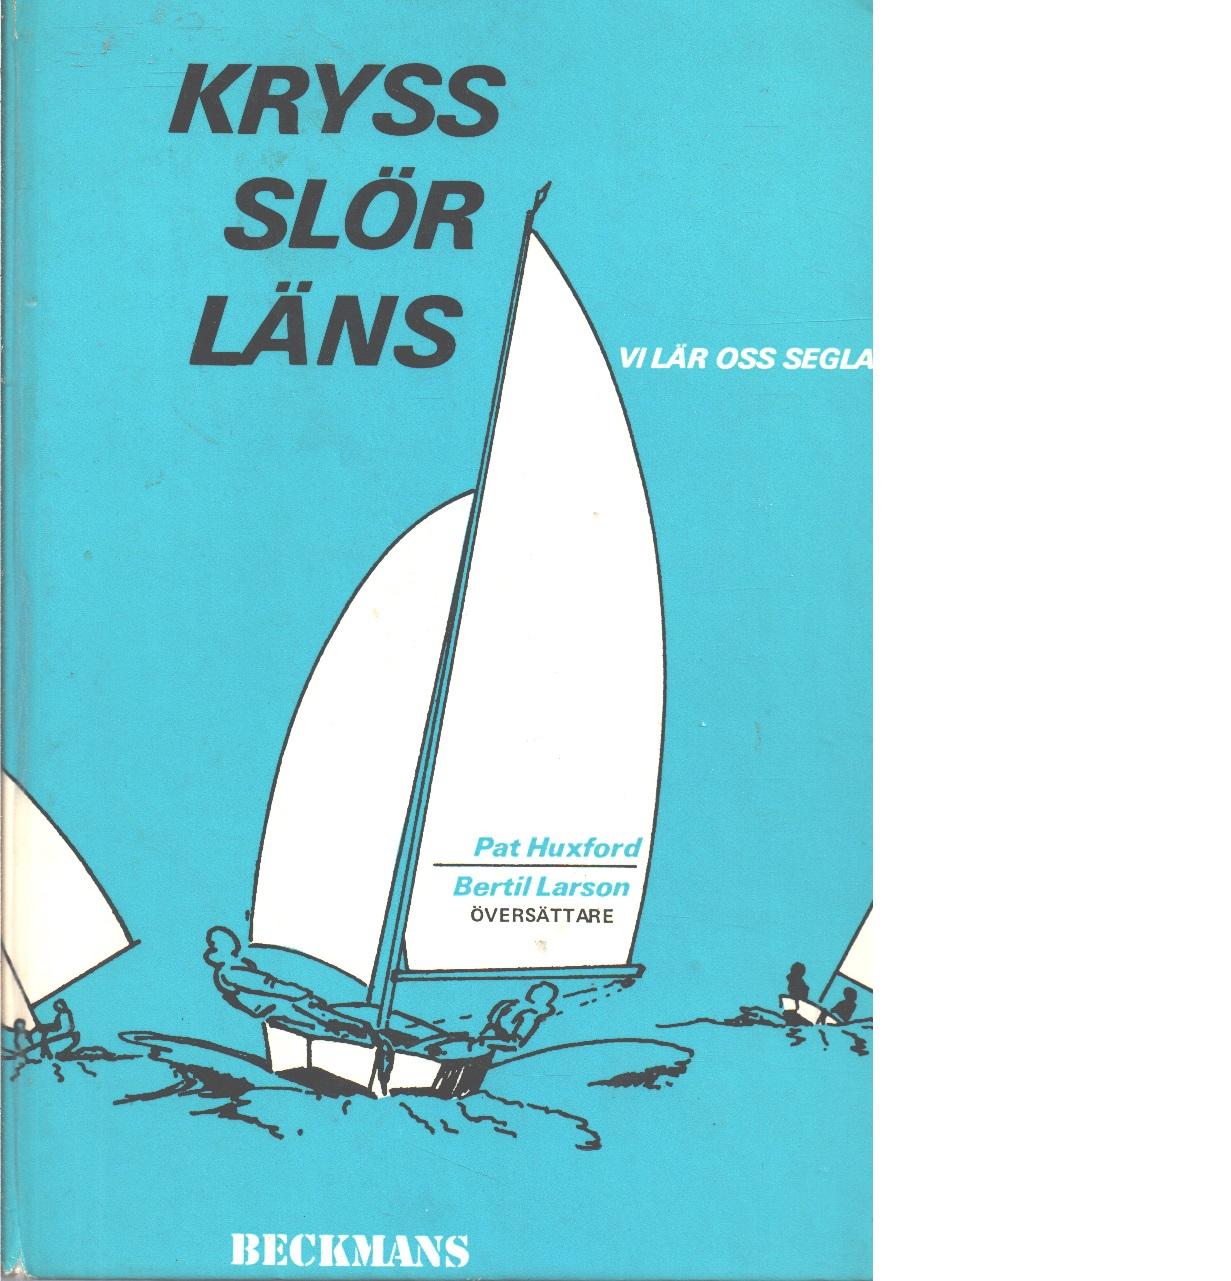 Kryss-slör-läns : vi lär oss segla - Huxford, Pat Och Larson, Bertil